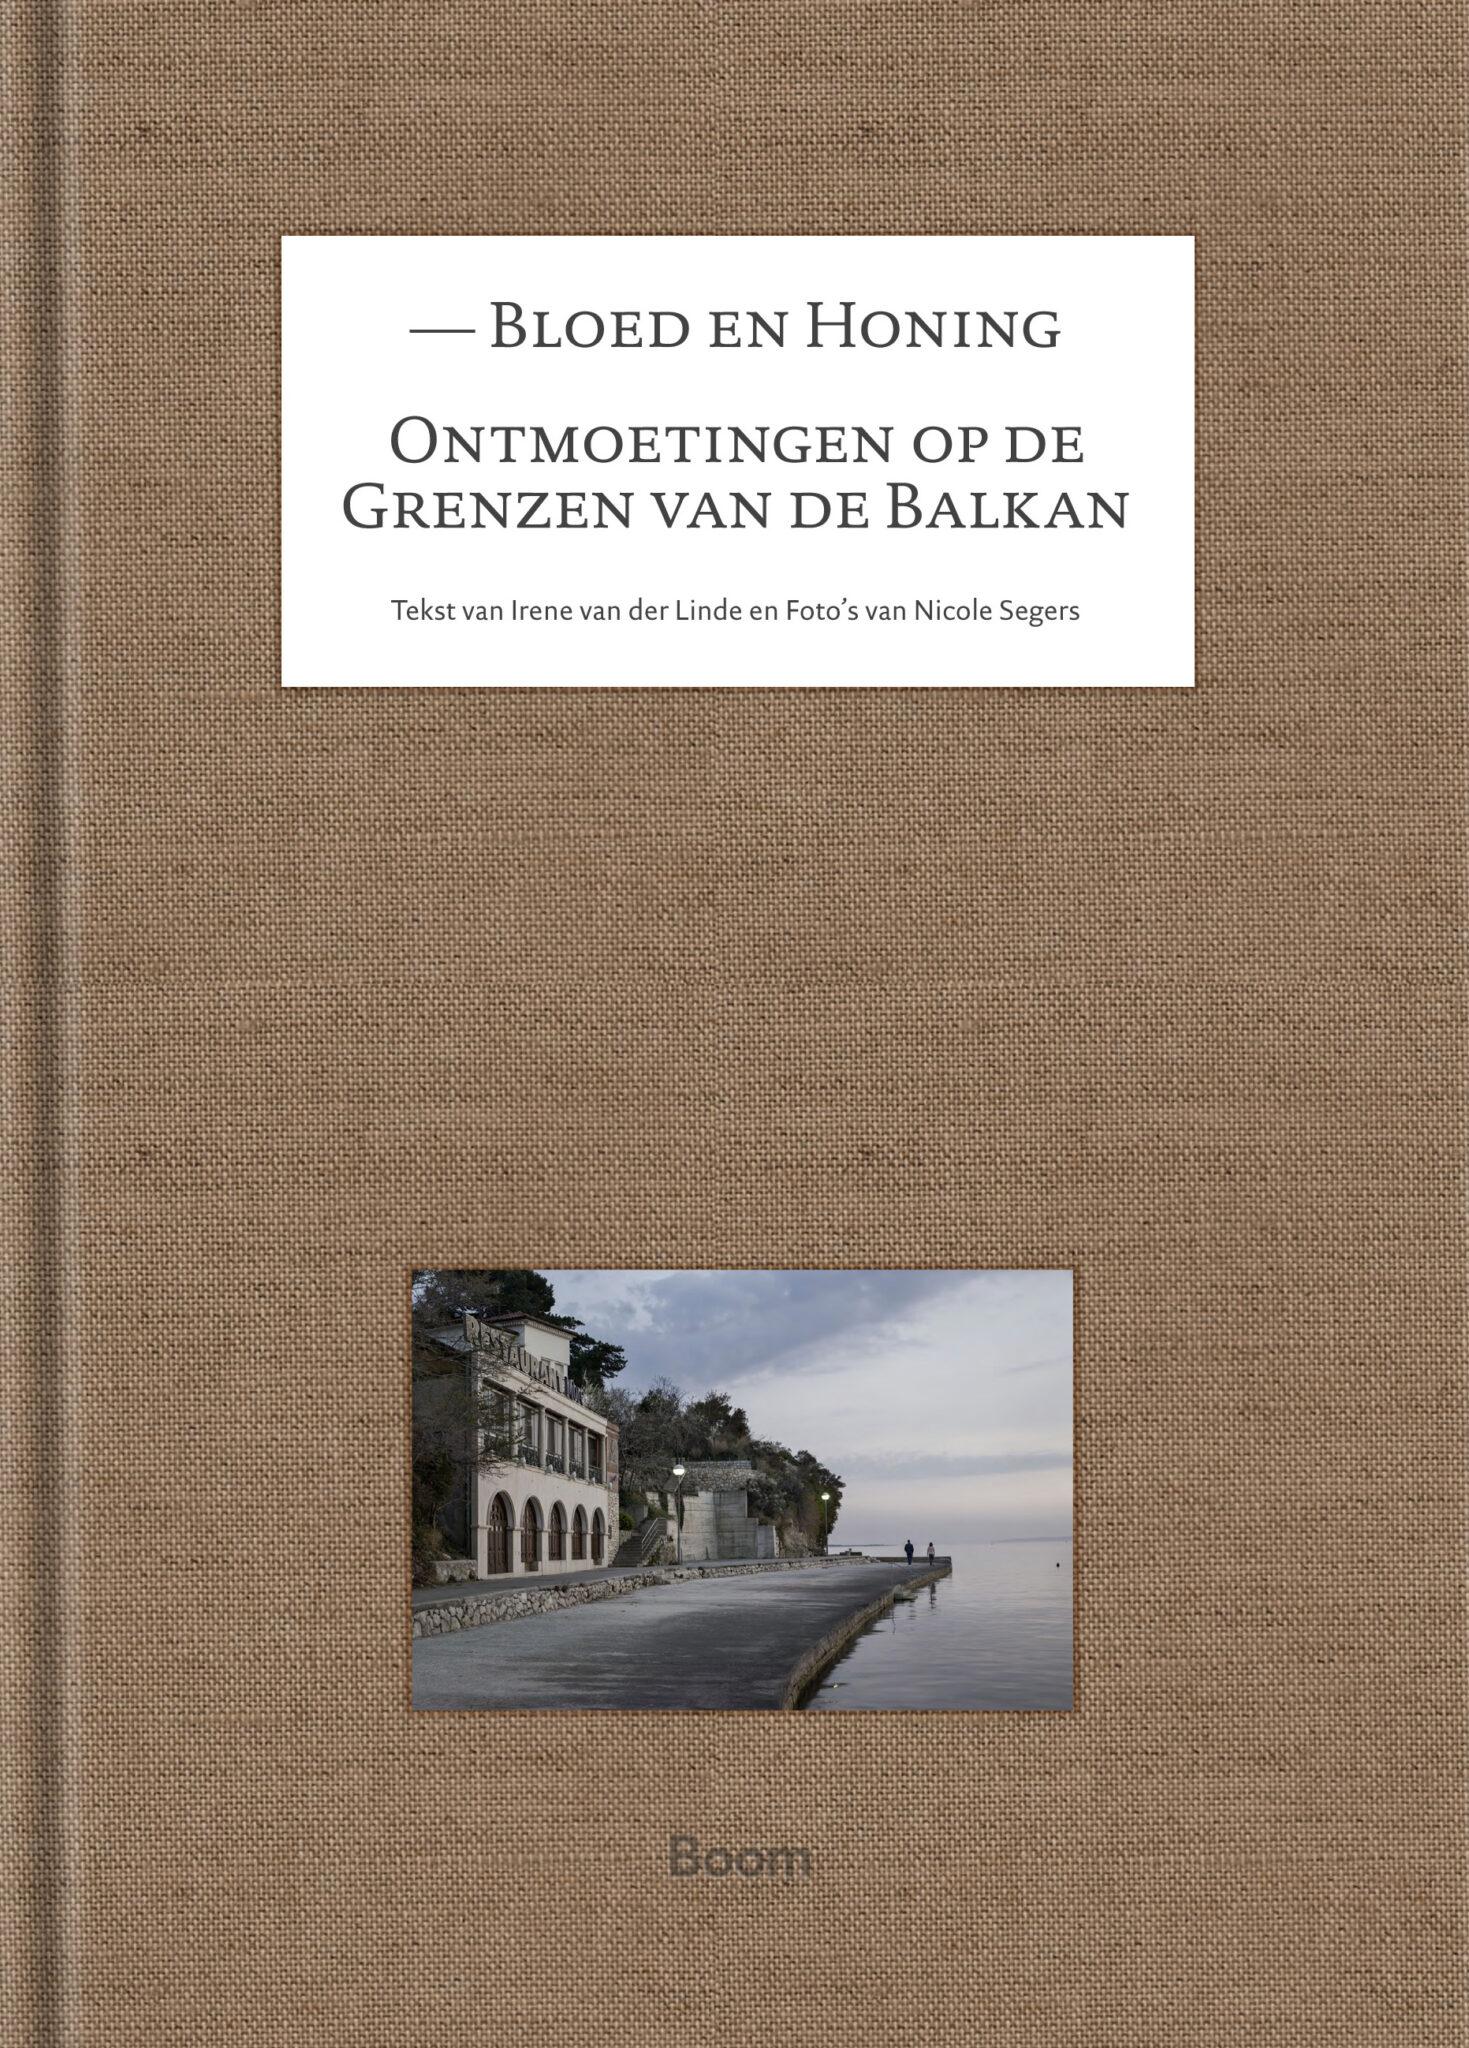 Bloed en honing | Irene van der Linde 9789024432127 Irene van der Linde & fotograaf Nicole Segers Boom   Fotoboeken, Reisverhalen Balkan